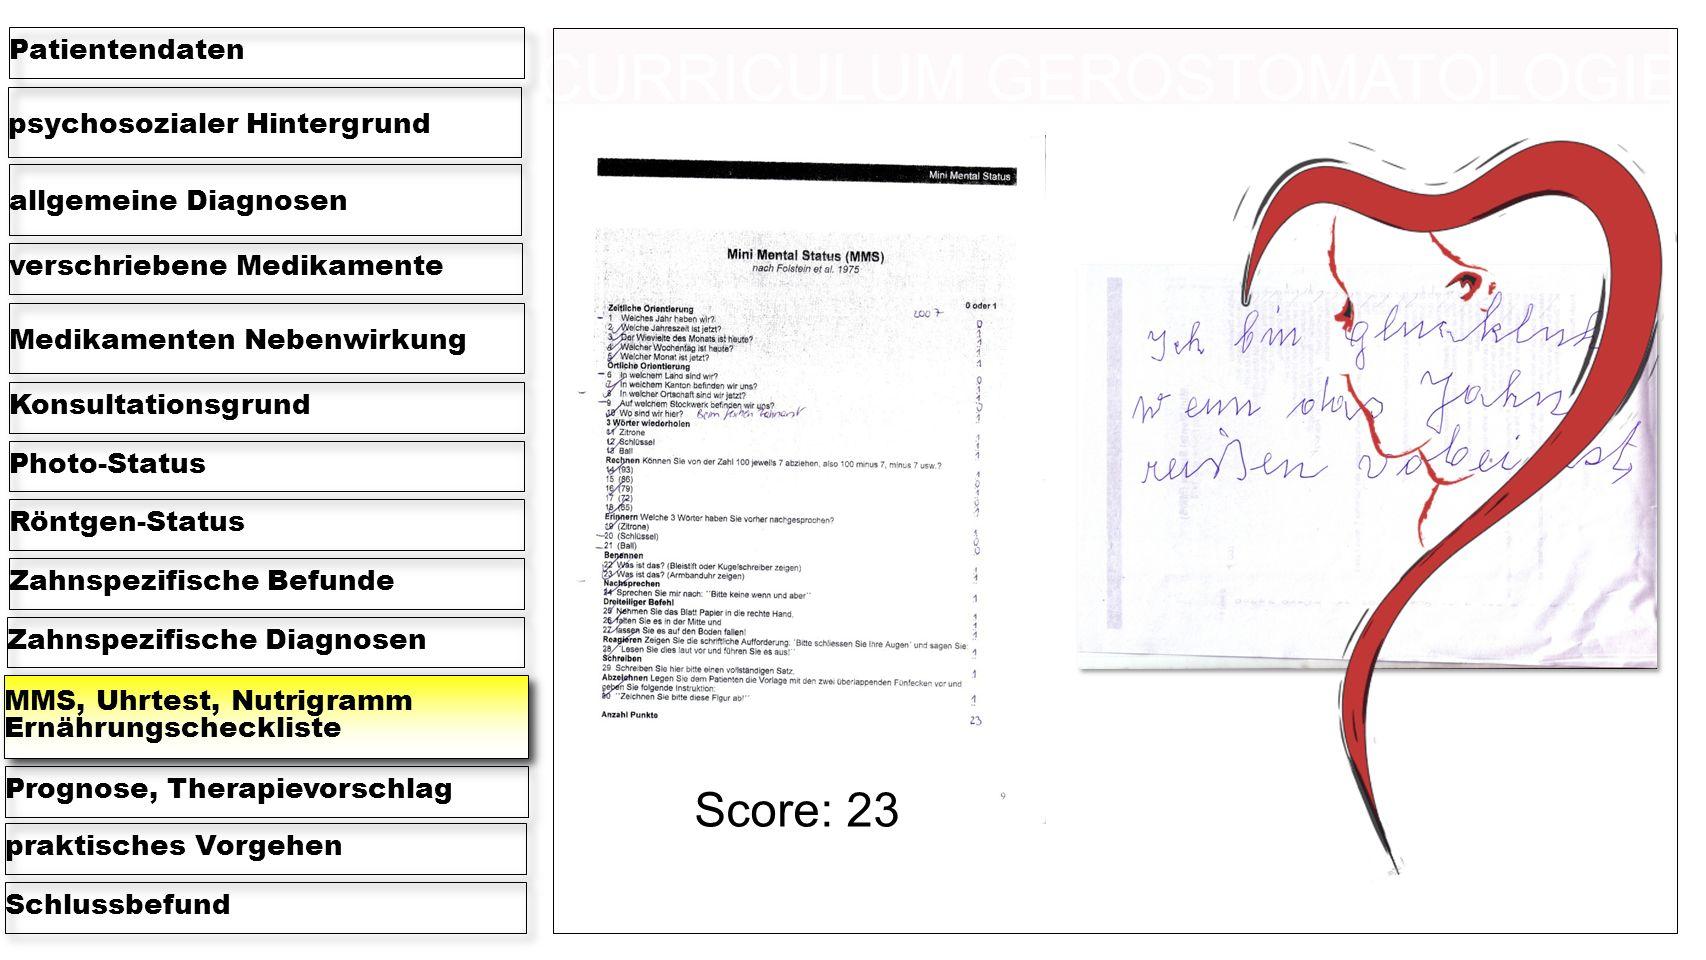 psychosozialer Hintergrund Patientendaten allgemeine Diagnosen verschriebene Medikamente Medikamenten Nebenwirkung KonsultationsgrundPhoto-StatusRöntgen-StatusZahnspezifische BefundeZahnspezifische Diagnosen MMS, Uhrtest, Nutrigramm Ernährungscheckliste Prognose, Therapievorschlagpraktisches VorgehenSchlussbefund Score: 23 CURRICULUM GEROSTOMATOLOGIE